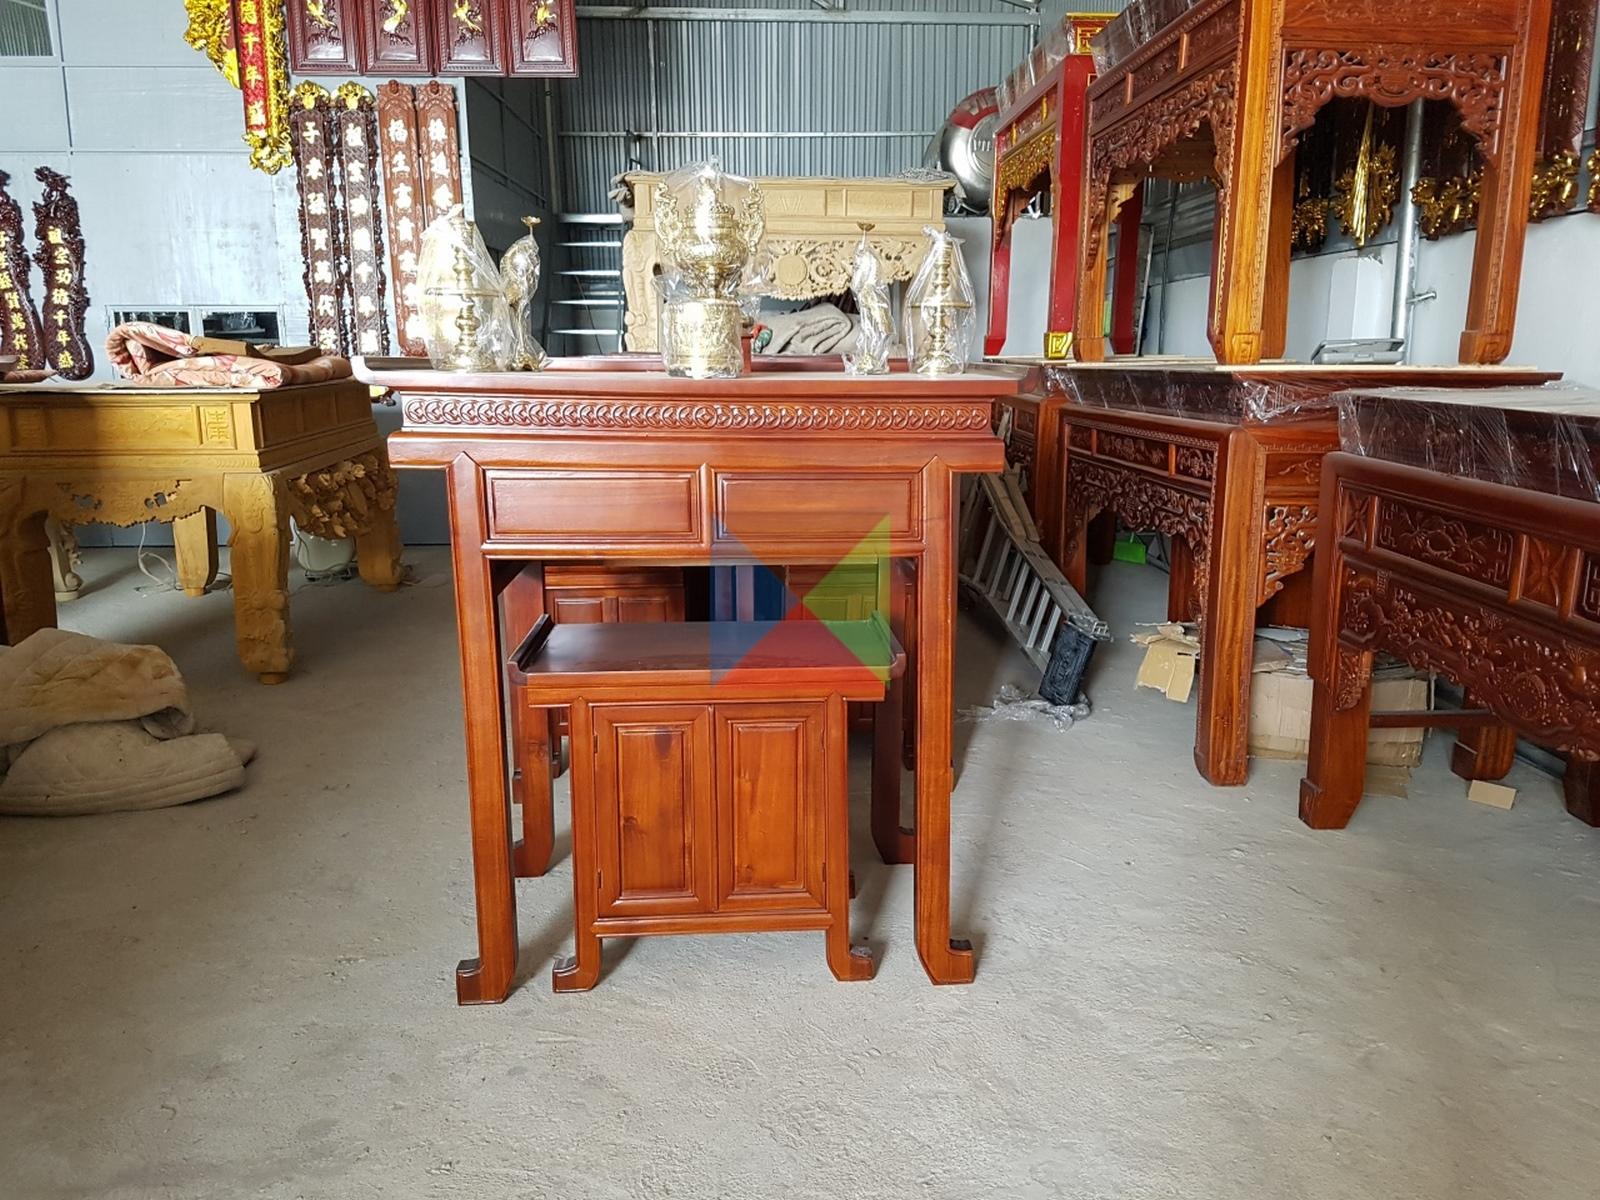 bộ kẹp bàn - tủ cho căn hộ nhà chung cư gỗ tràm